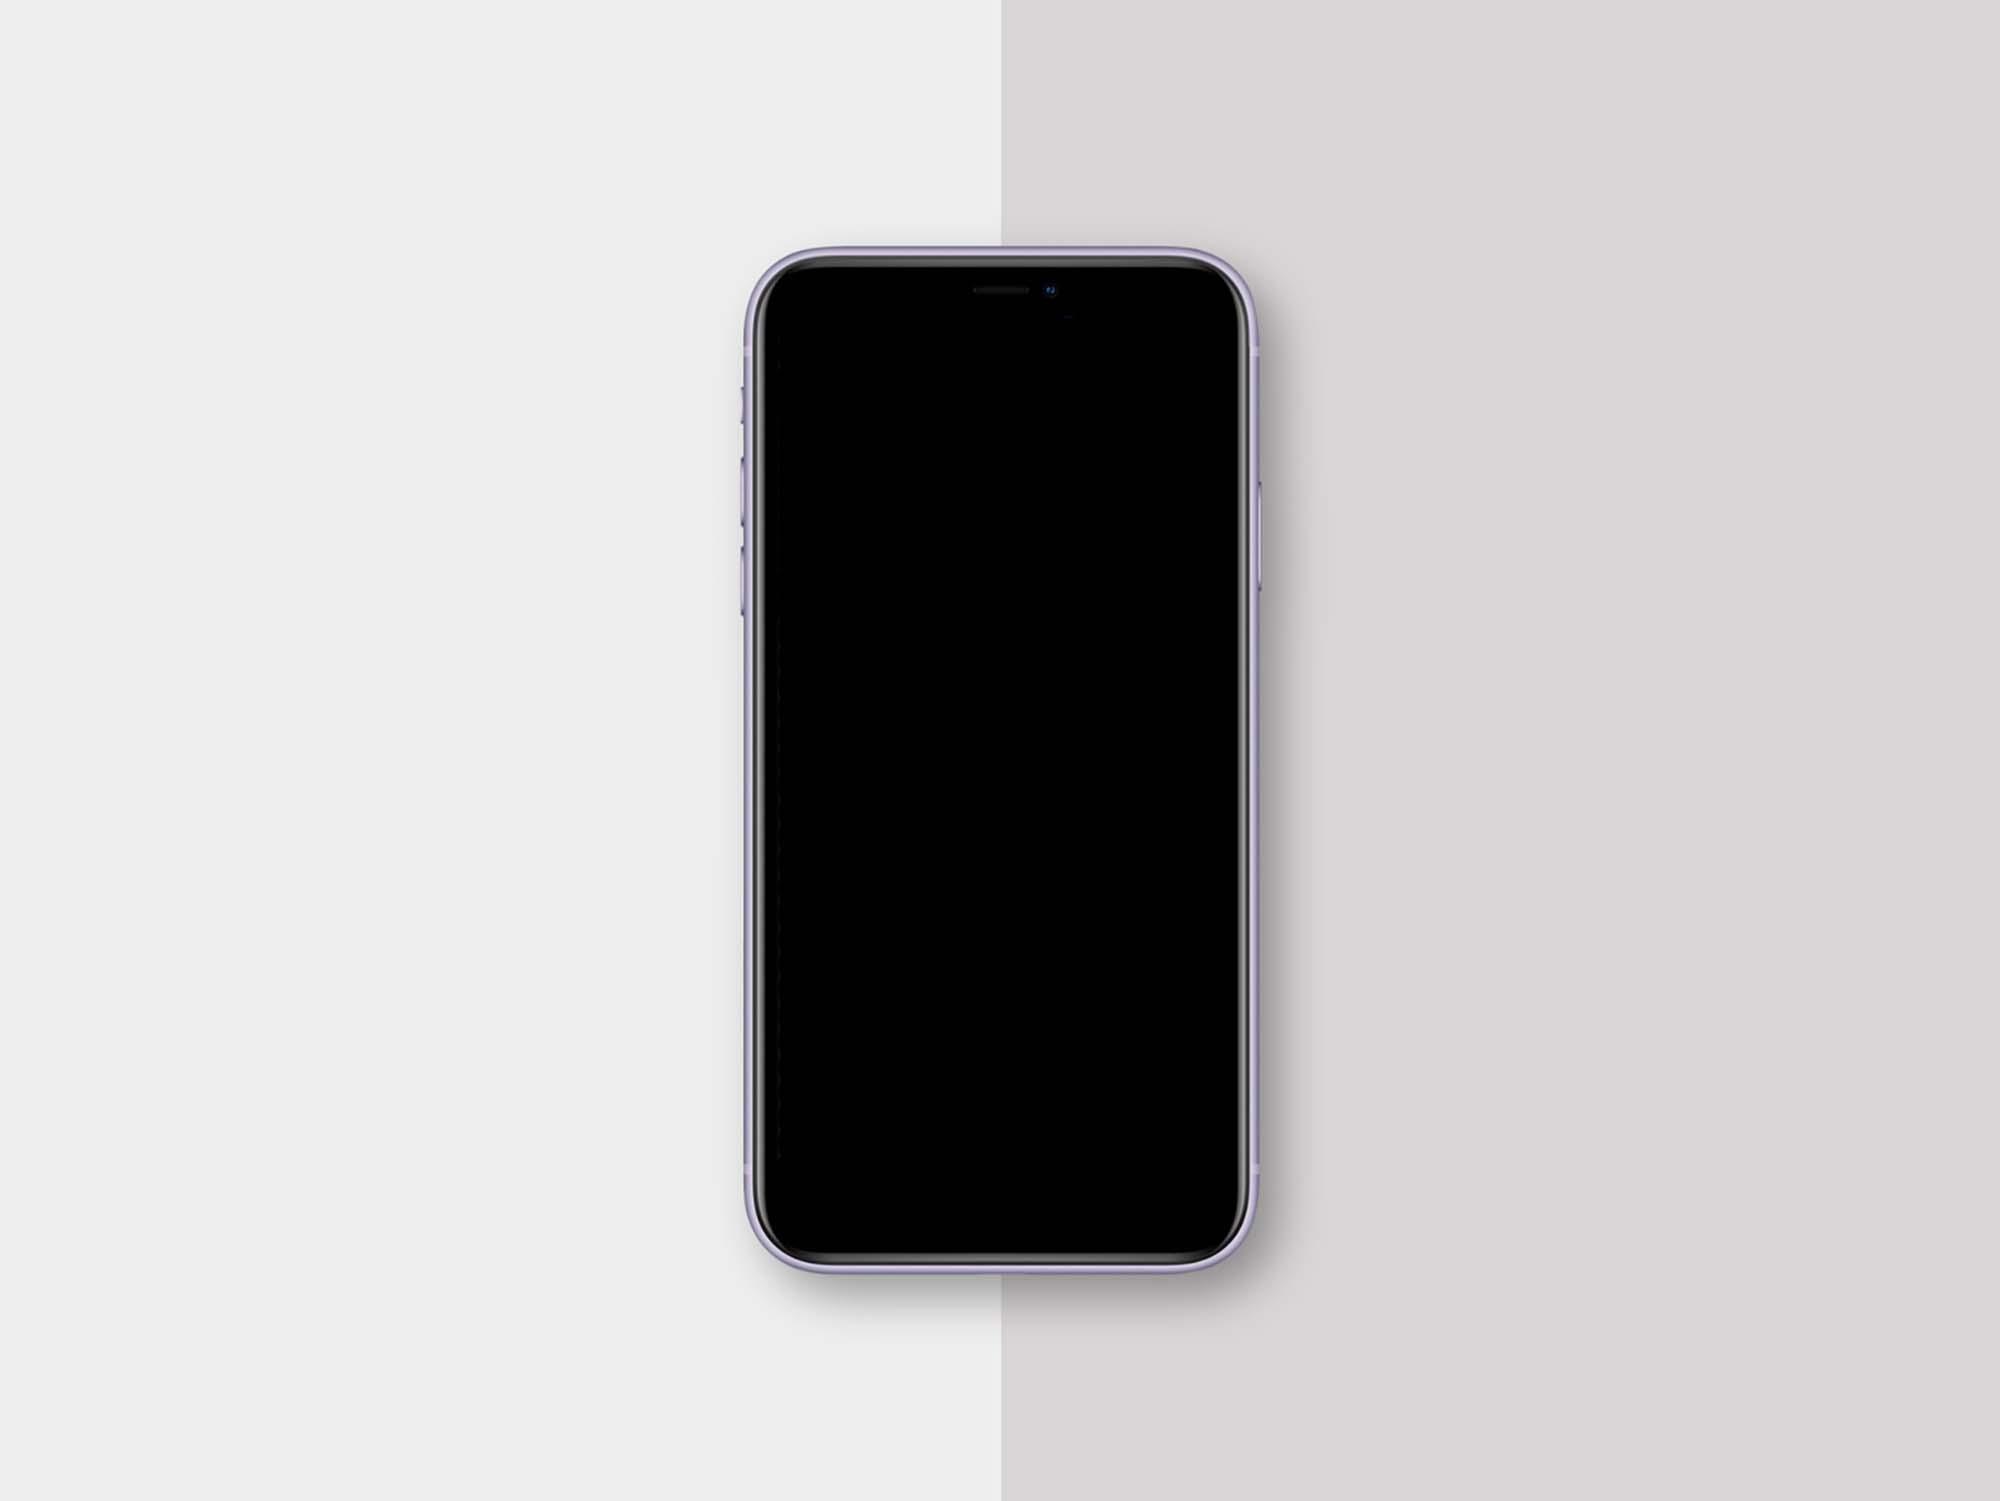 Classic iPhone 11 Mockup 2